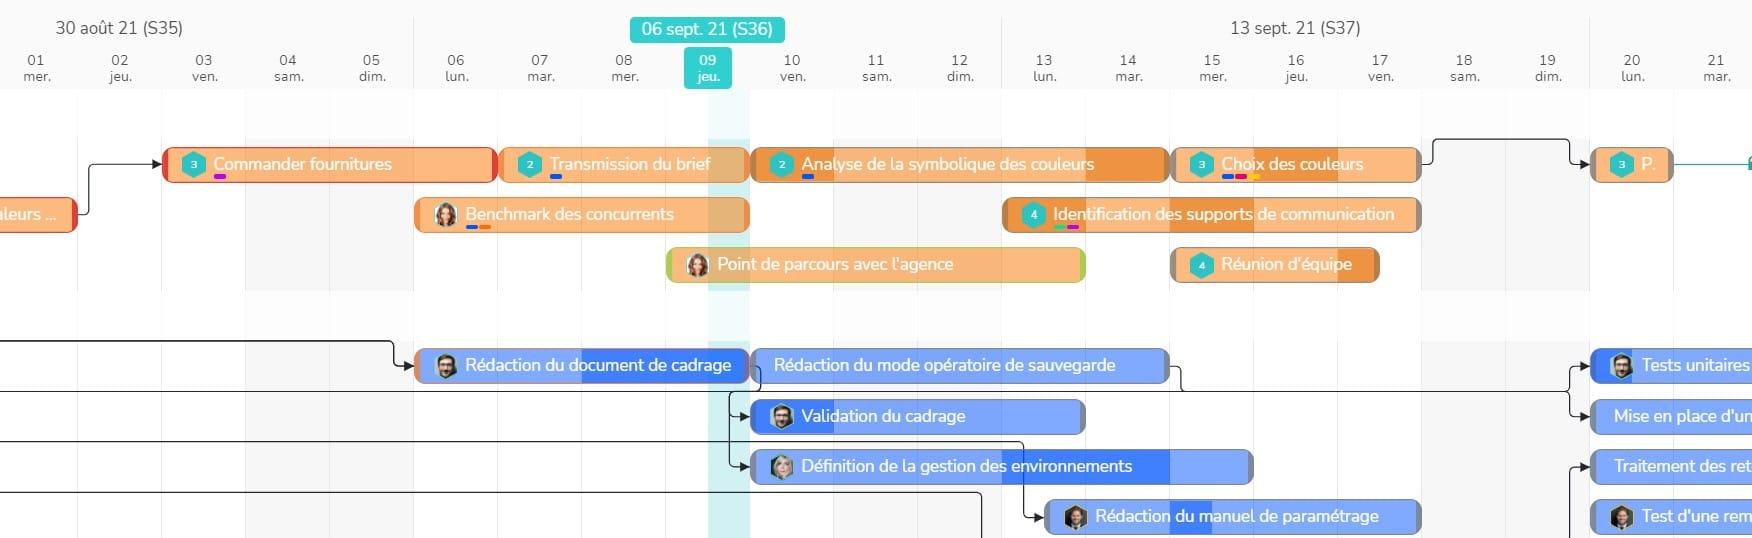 Planning présentant des tâches avec des temps prévisionnels